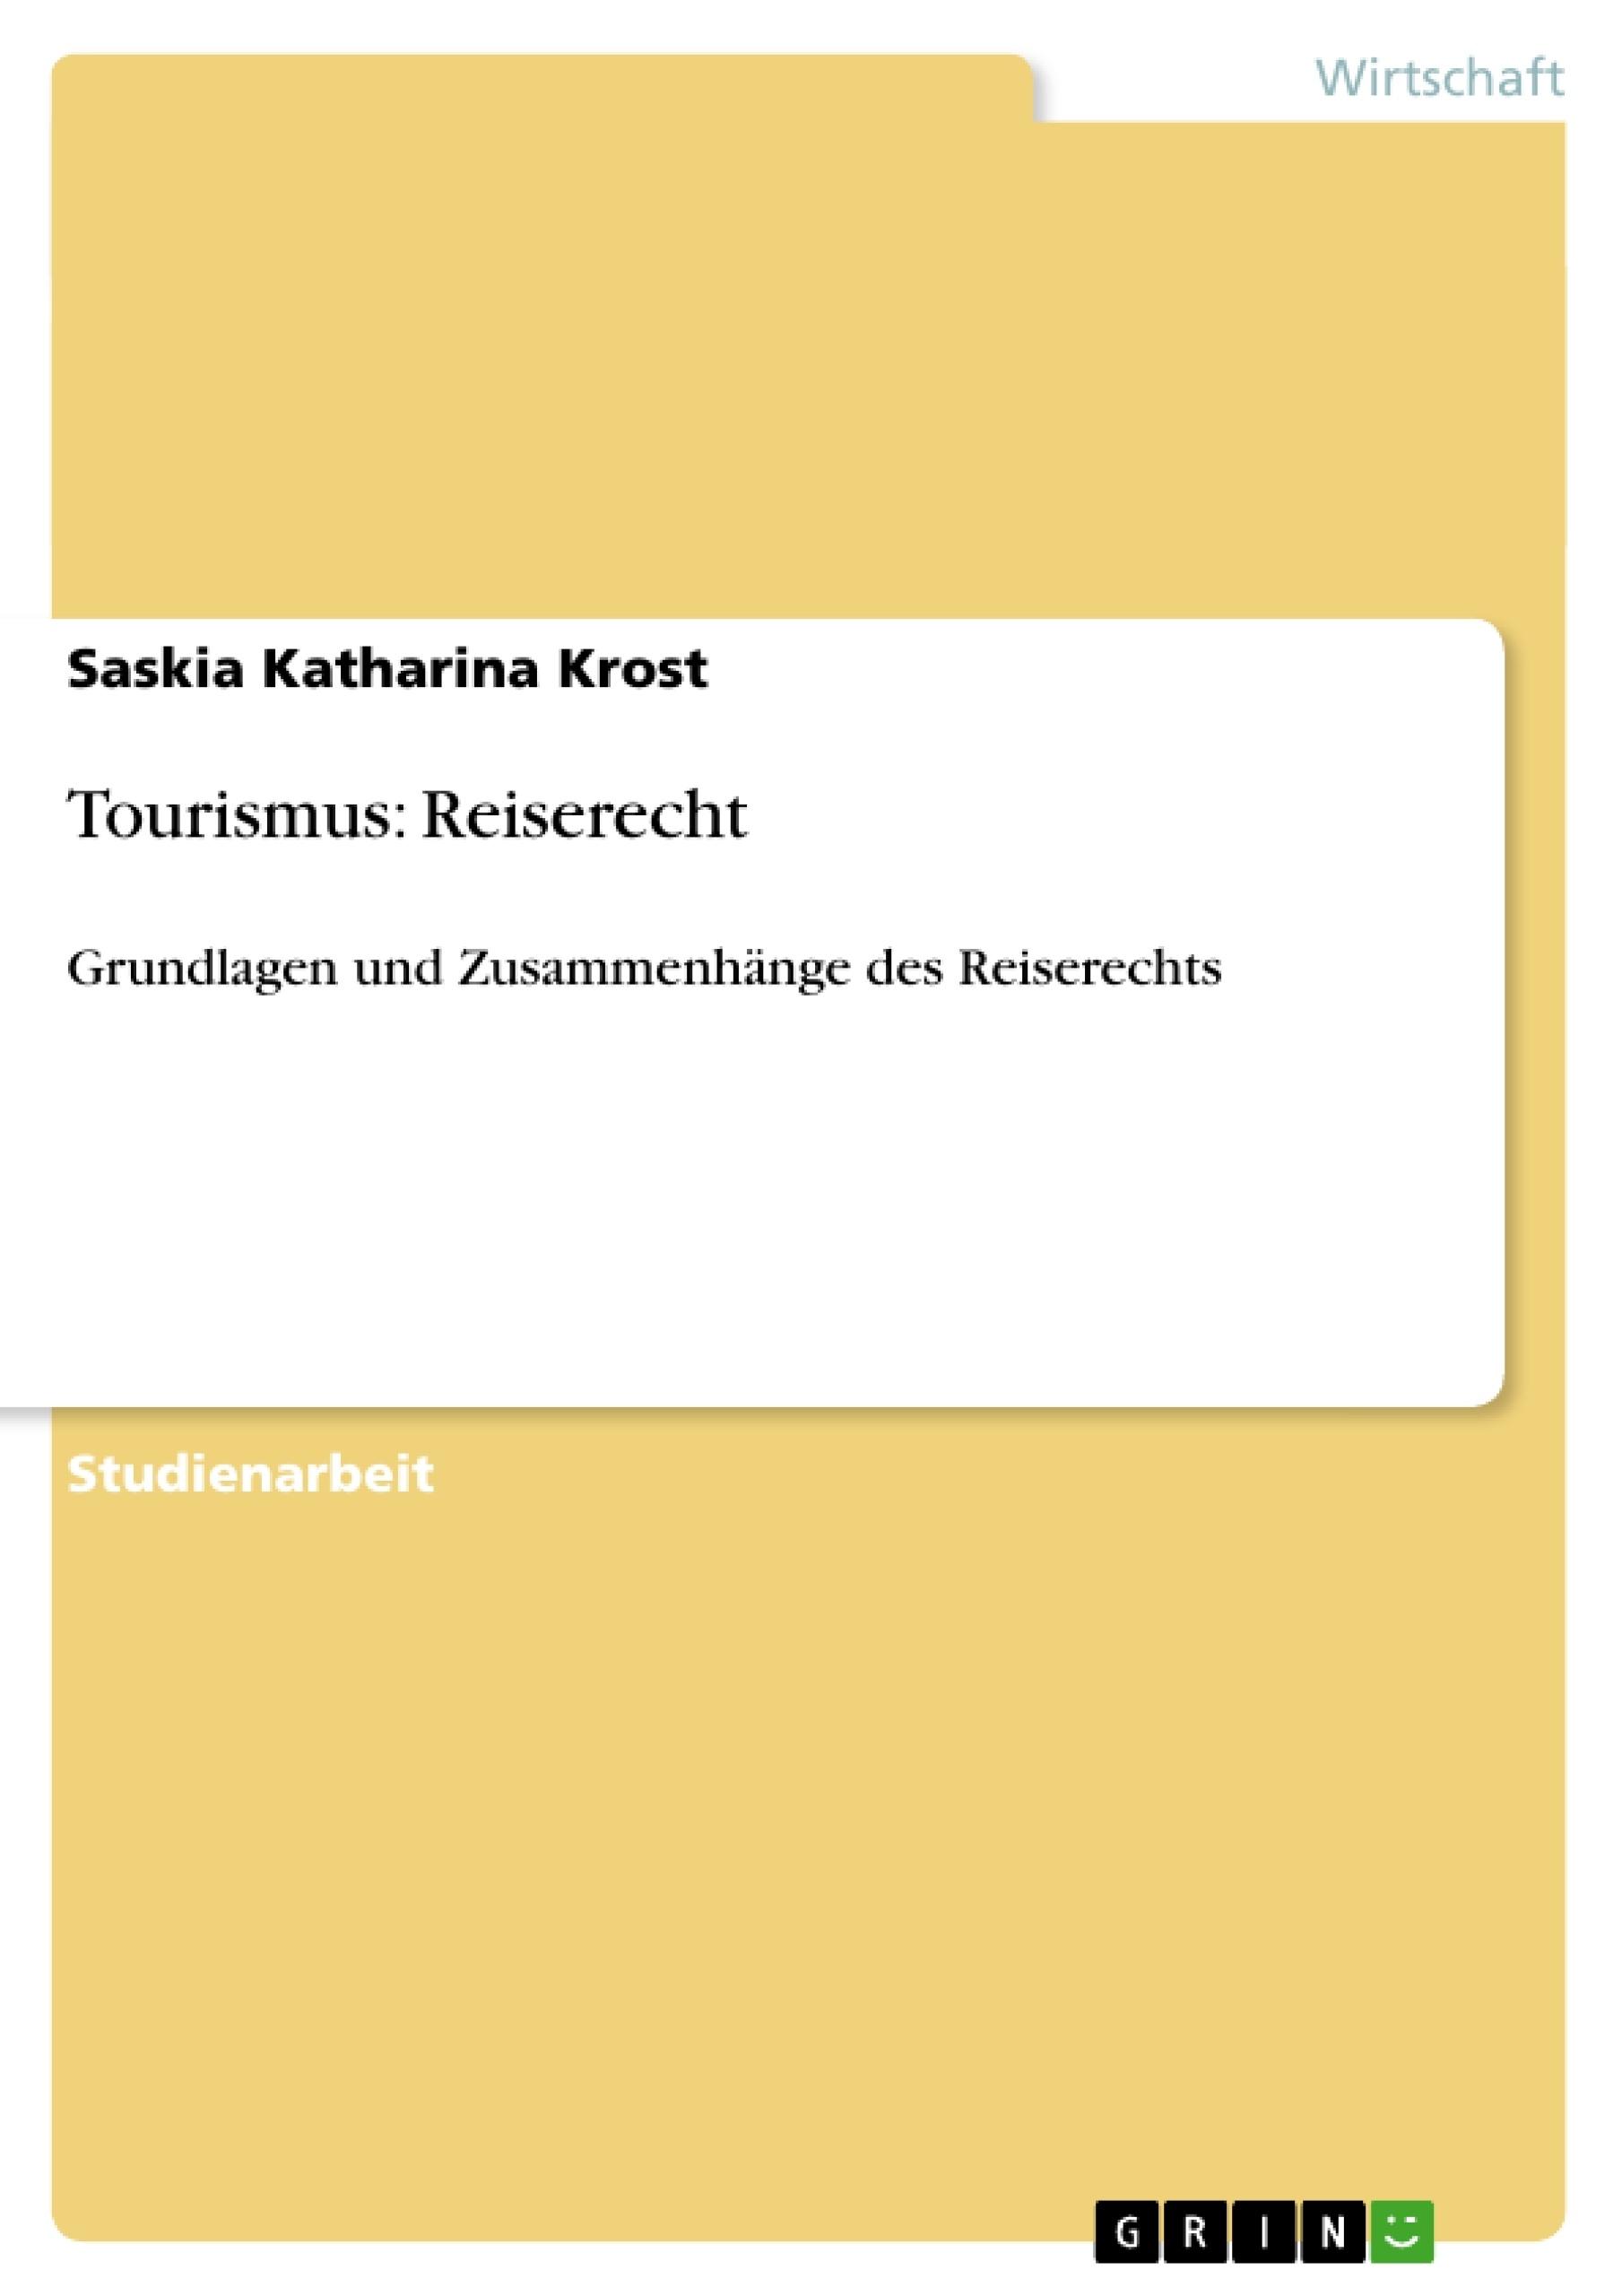 Tourismus Reiserecht Masterarbeit Hausarbeit Bachelorarbeit